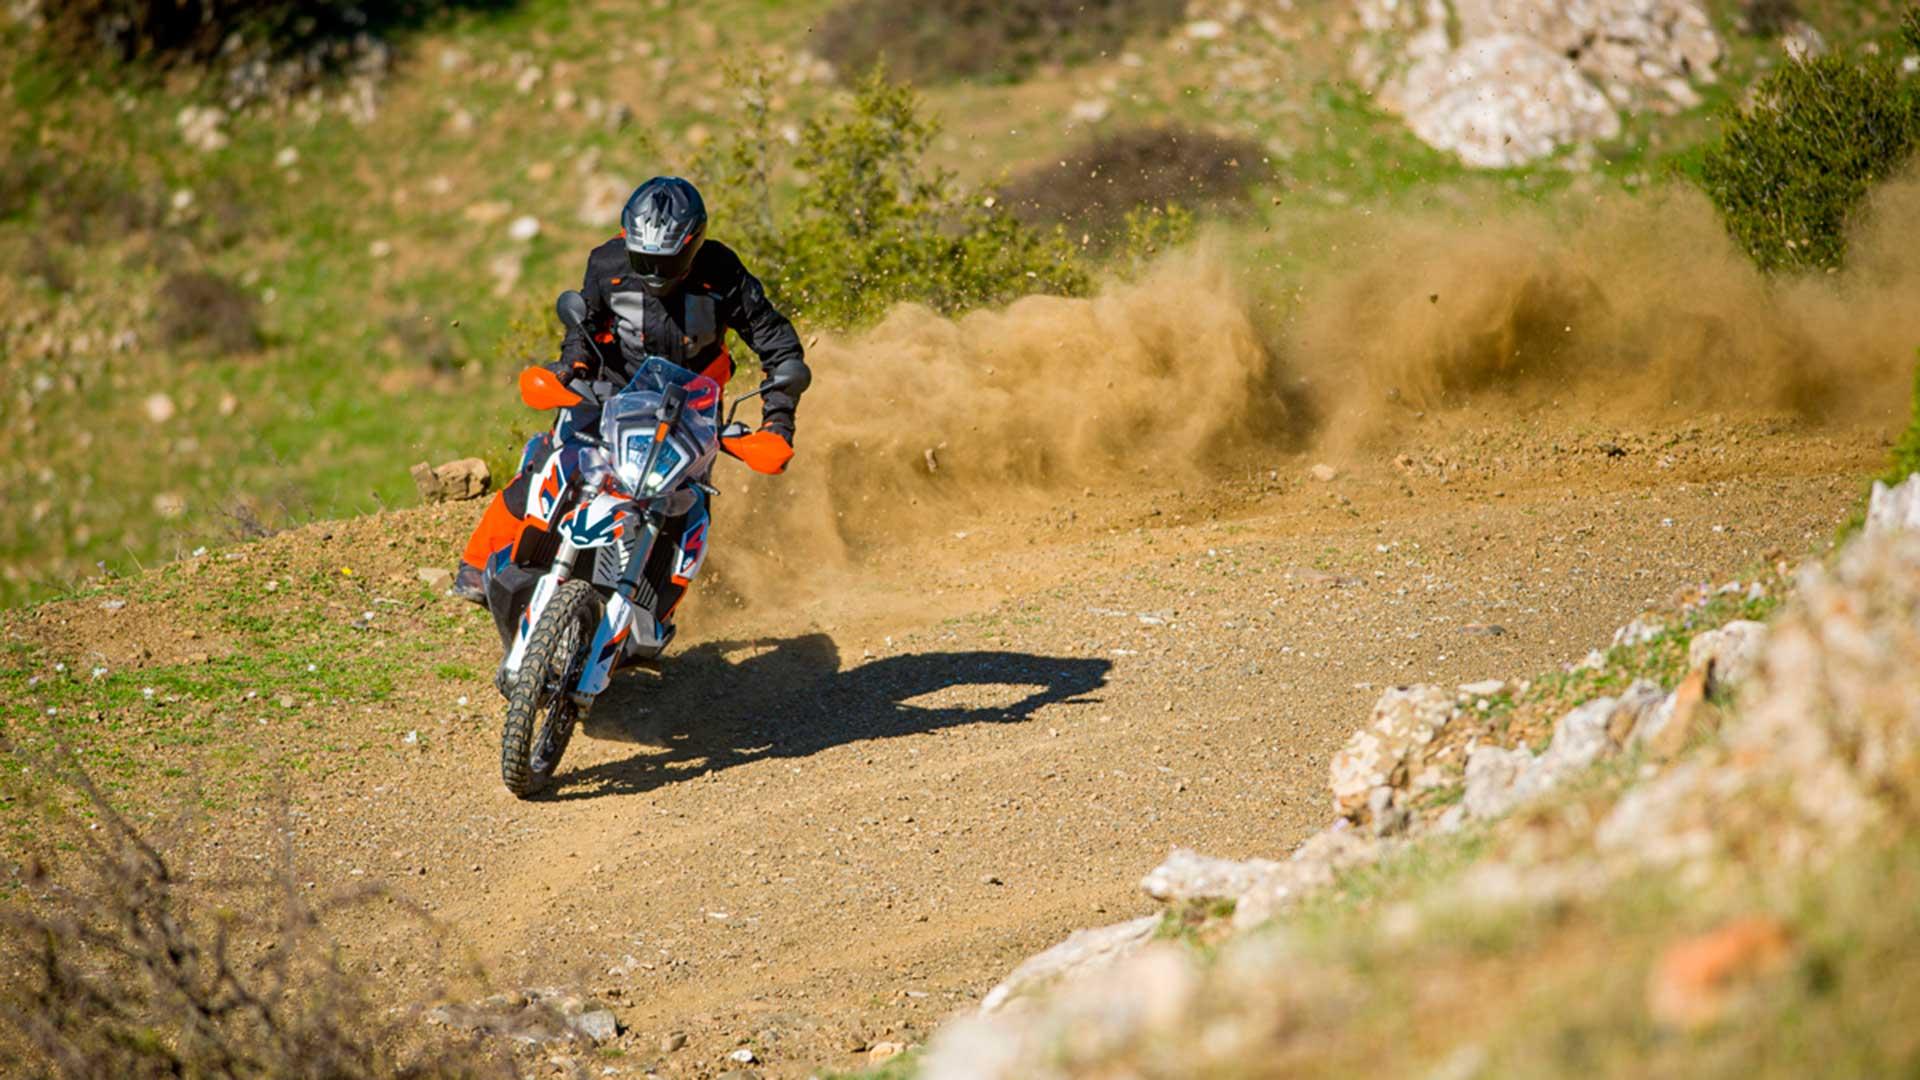 El European KTM Adventure Rally ya calienta motores en Grecia